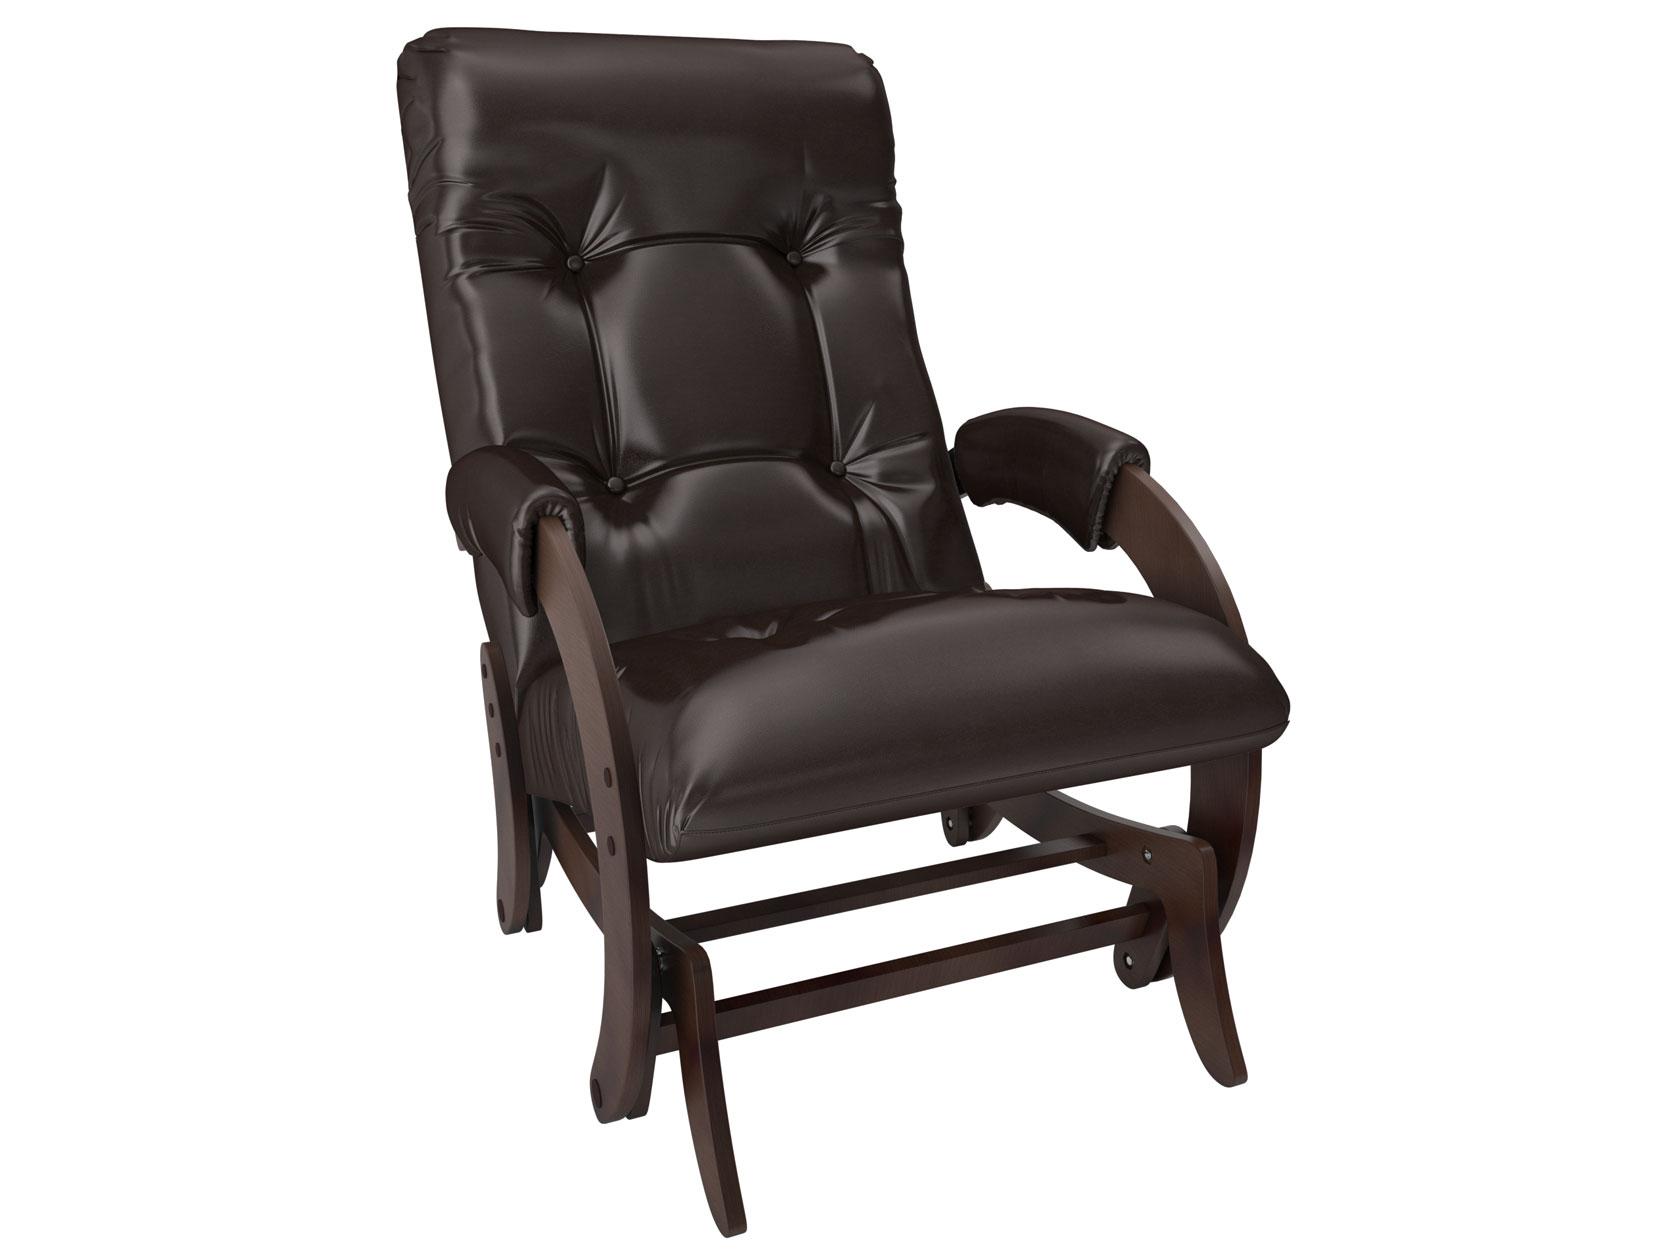 Кресло-глайдер 150-100261